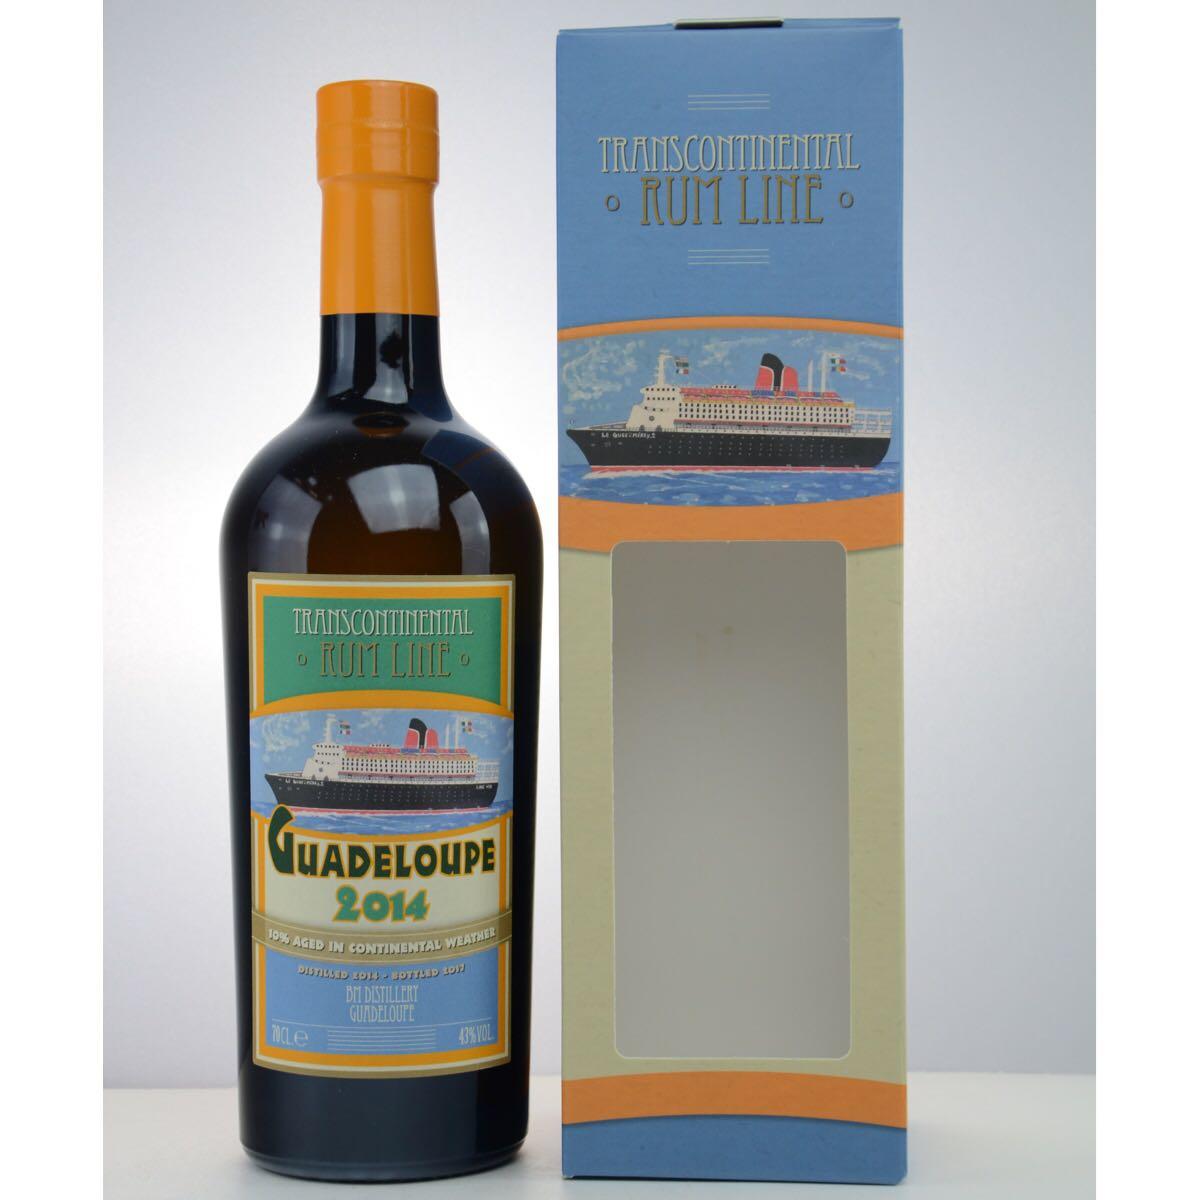 Bottle image of Guadeloupe